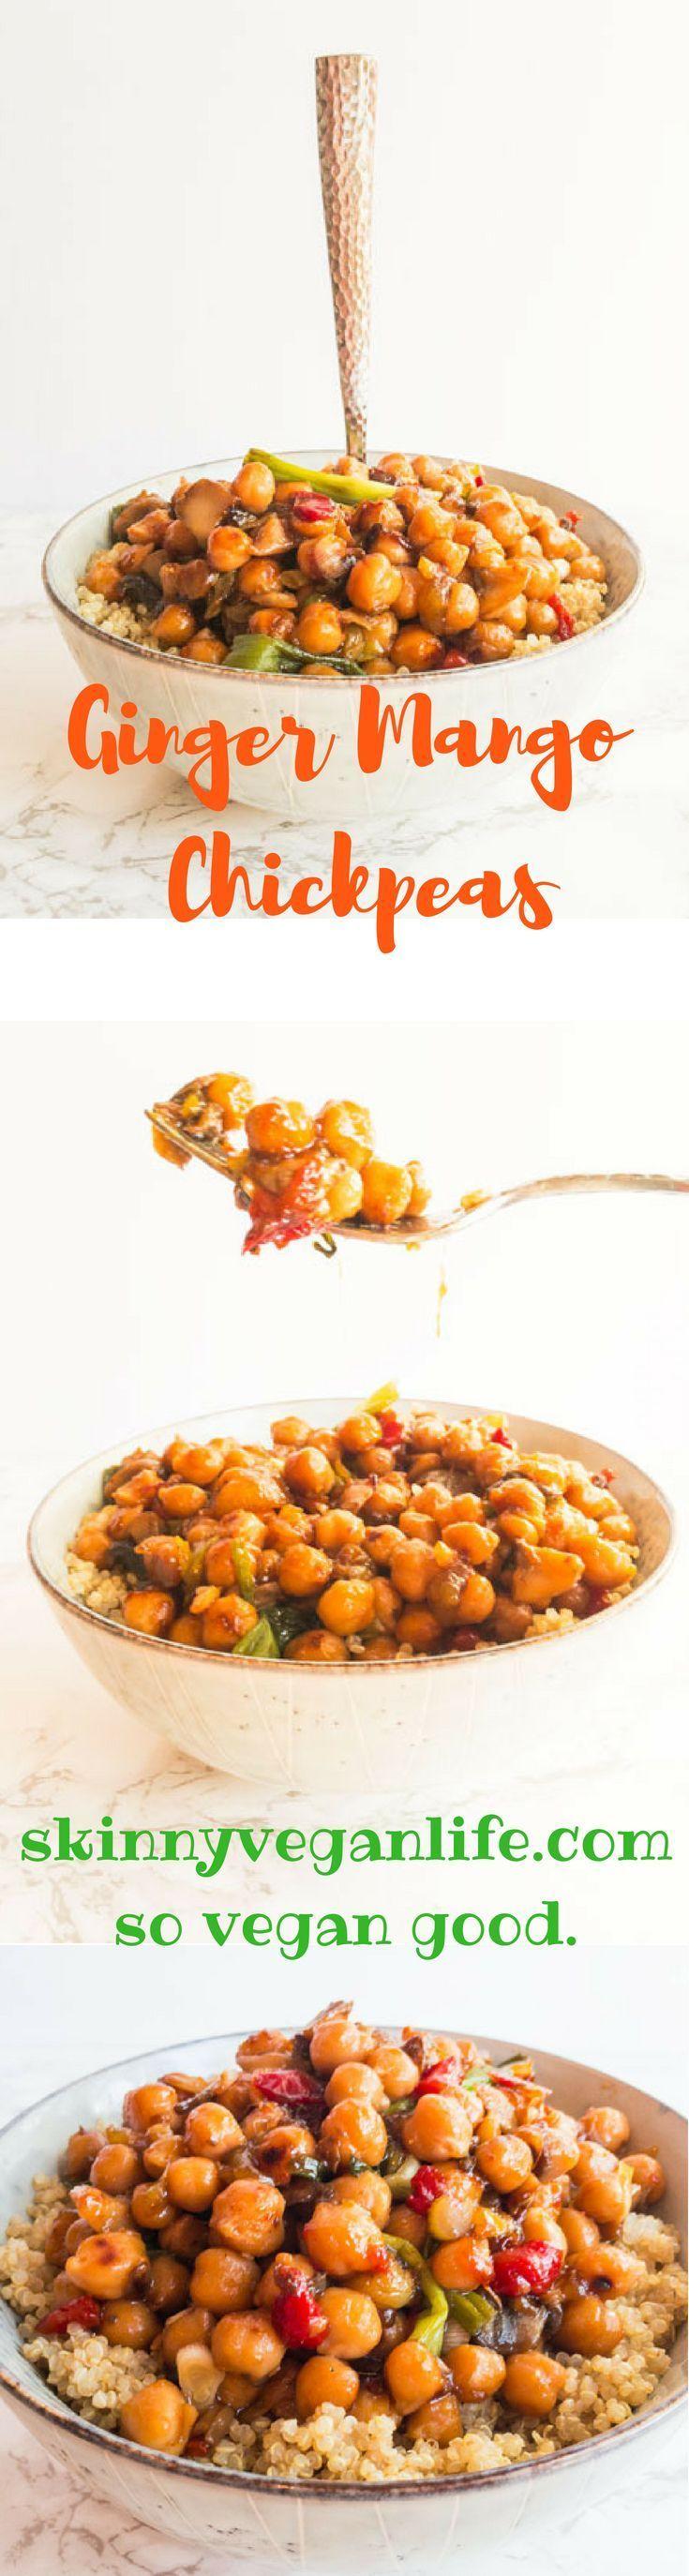 Skinny Vegan Ginger Mango Chickpeas